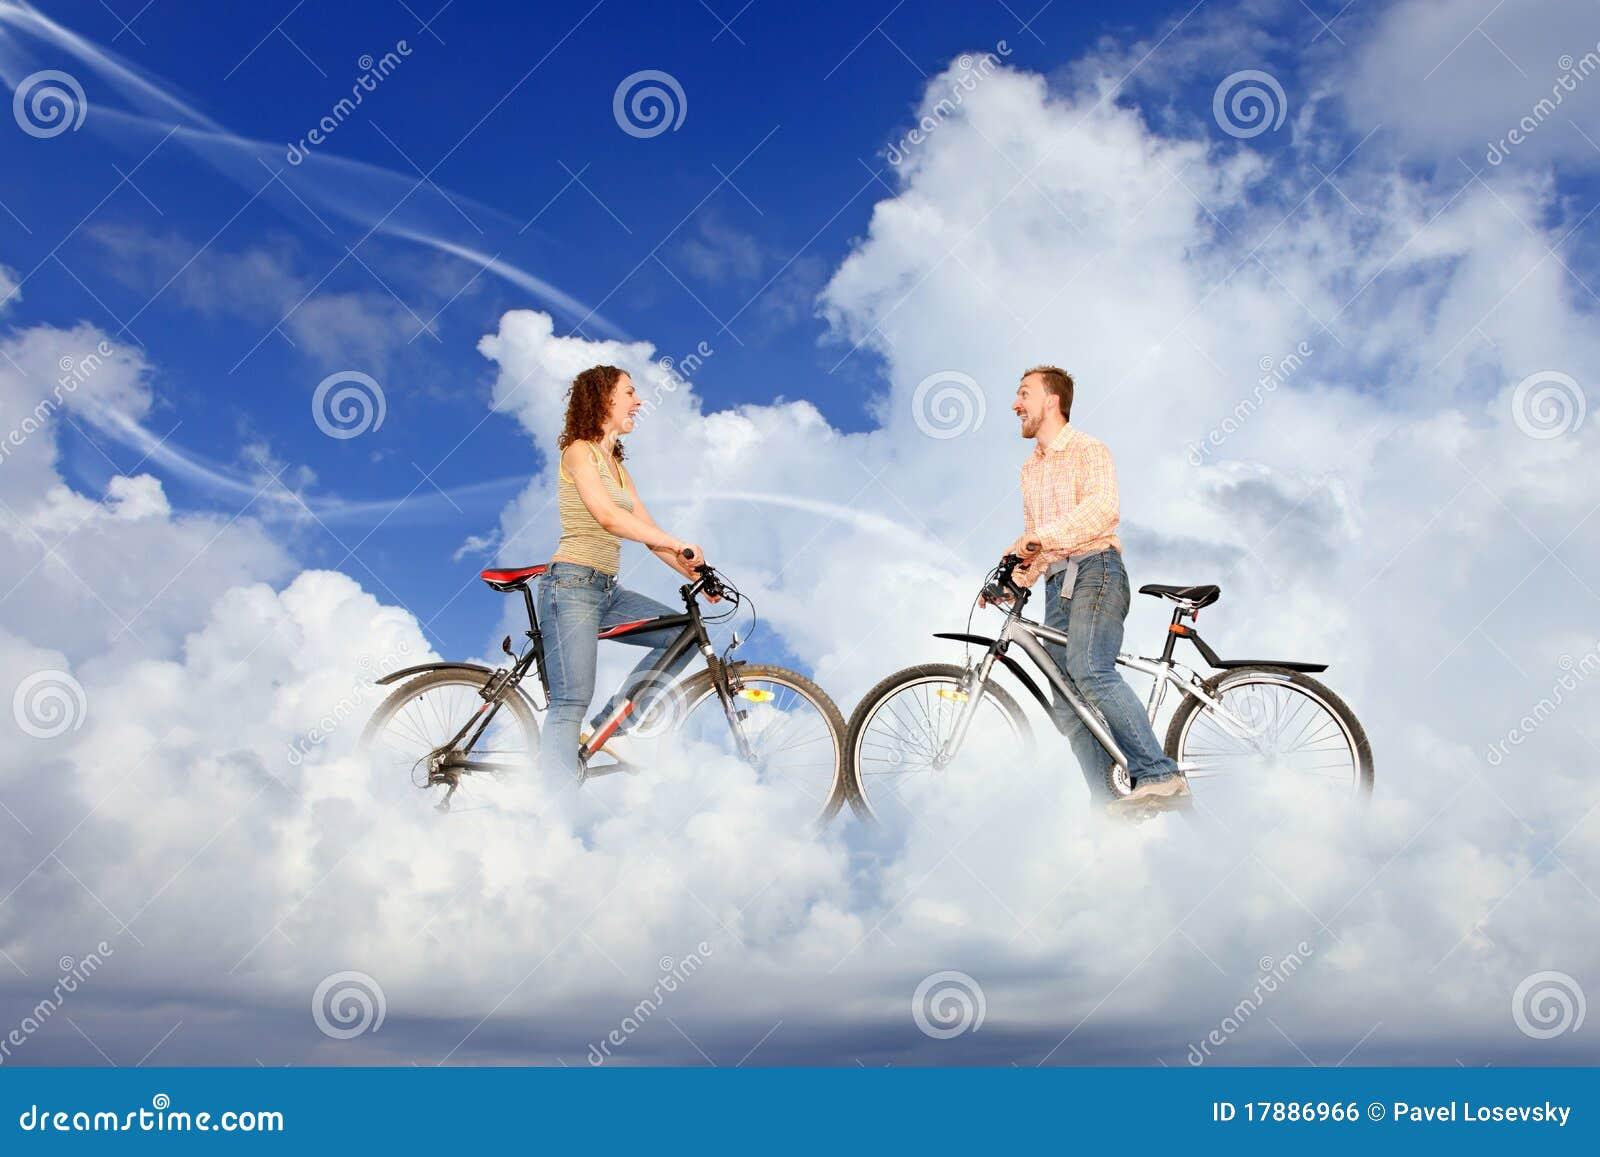 Rowerowa chmur pary mężczyzna spotkania kobieta